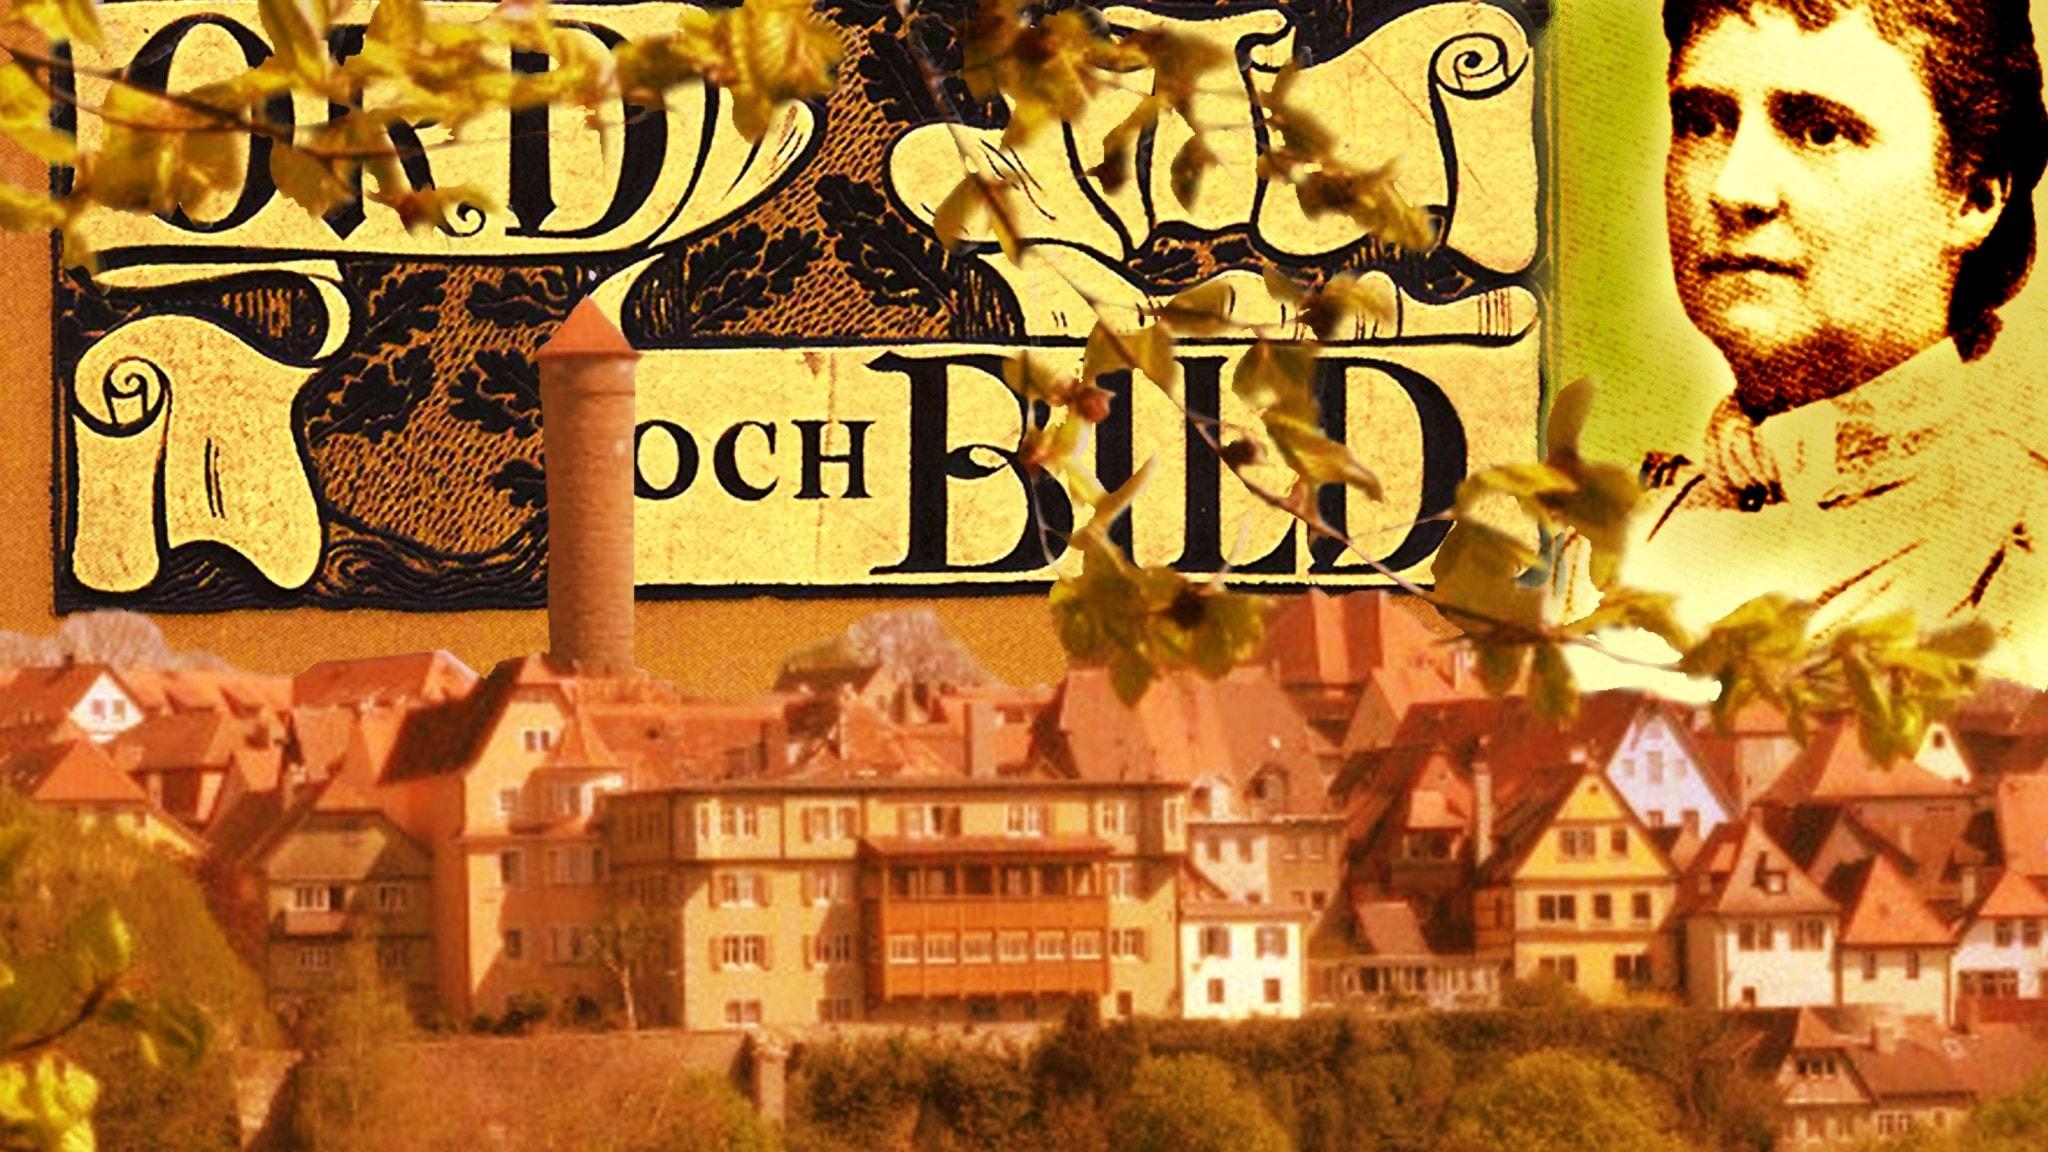 Eller Fries skrev om Rothenburg ob der Tauber i Ord & bild 1893.